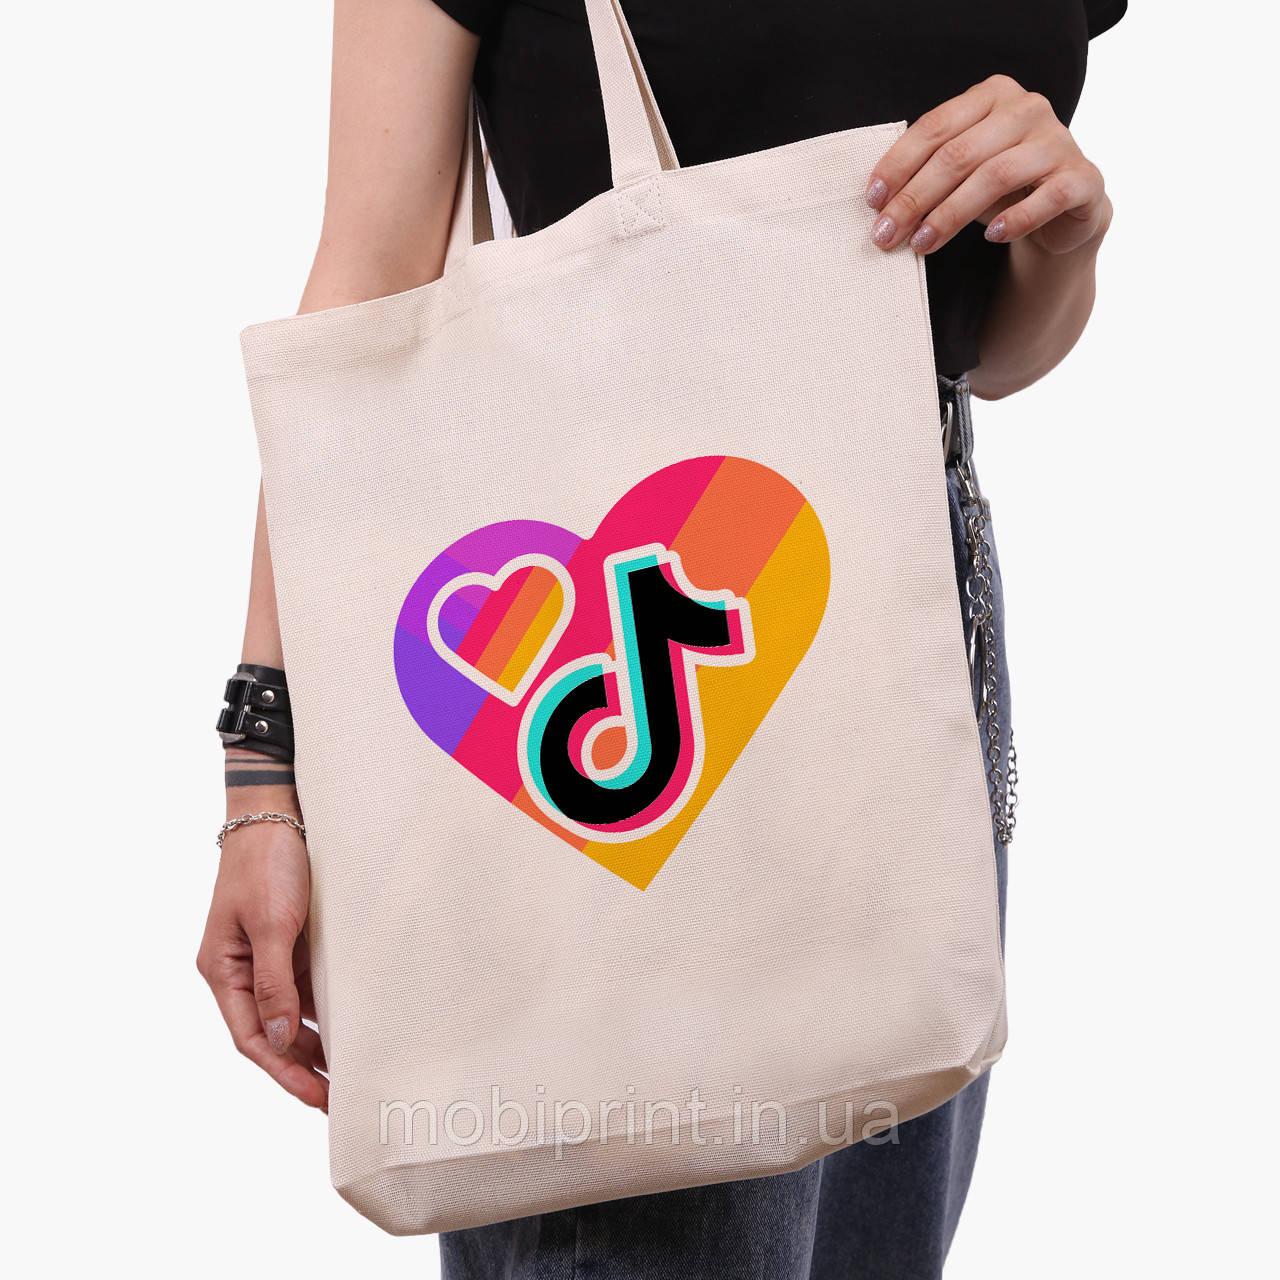 Эко сумка шоппер белая ТикТок (TikTok) (9227-1559-1)  41*39*8 см